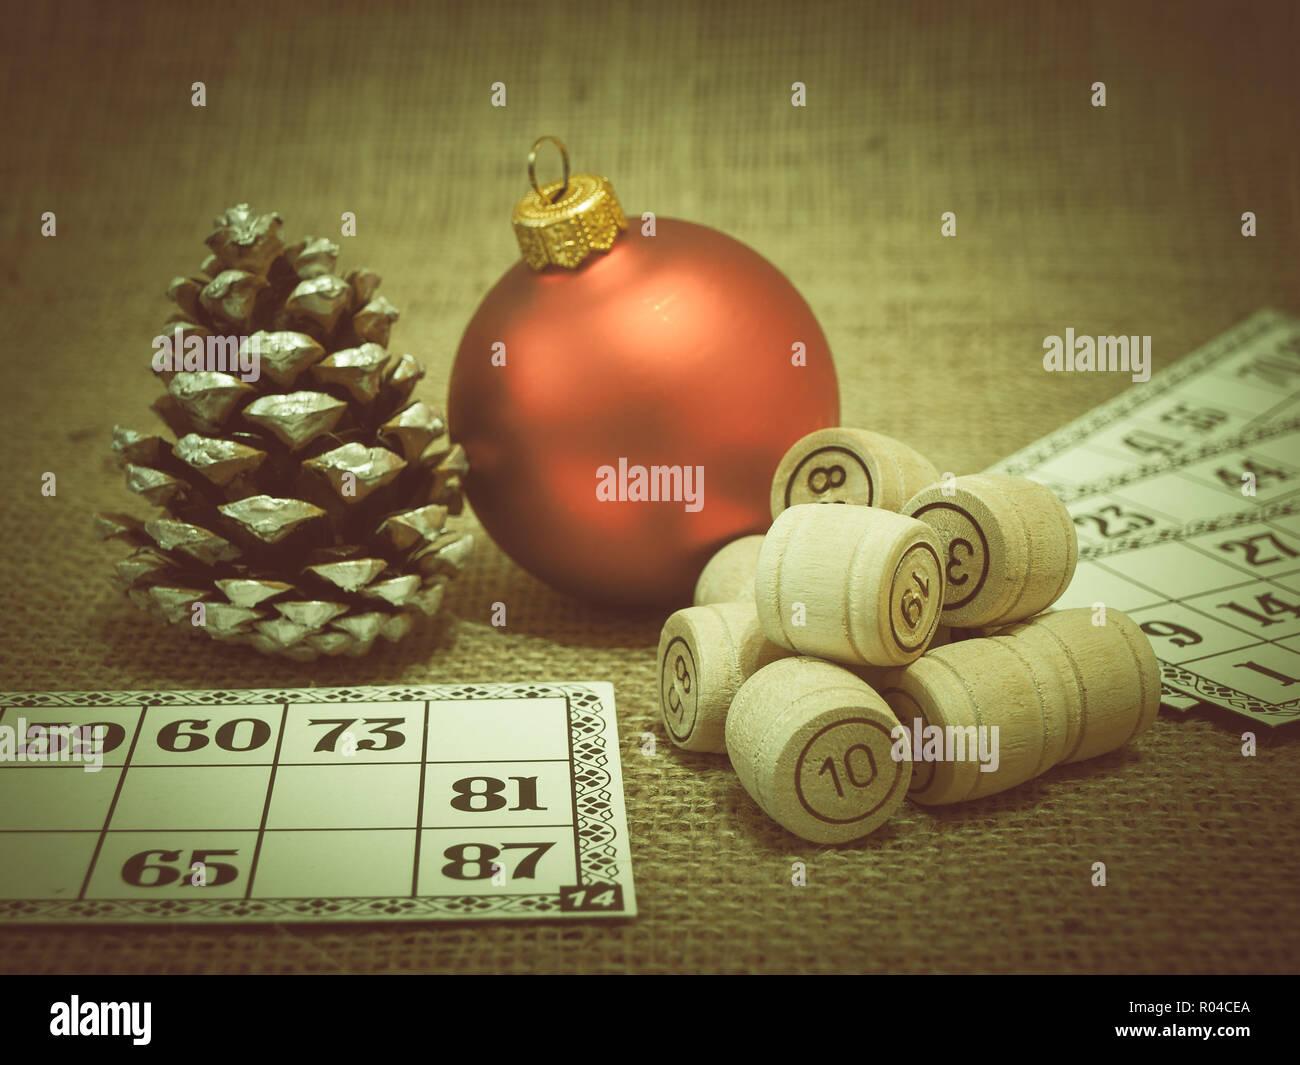 Lotto Weihnachten.Board Game Lotto Holz Lotto Fässer Und Karten Für Ein Spiel In